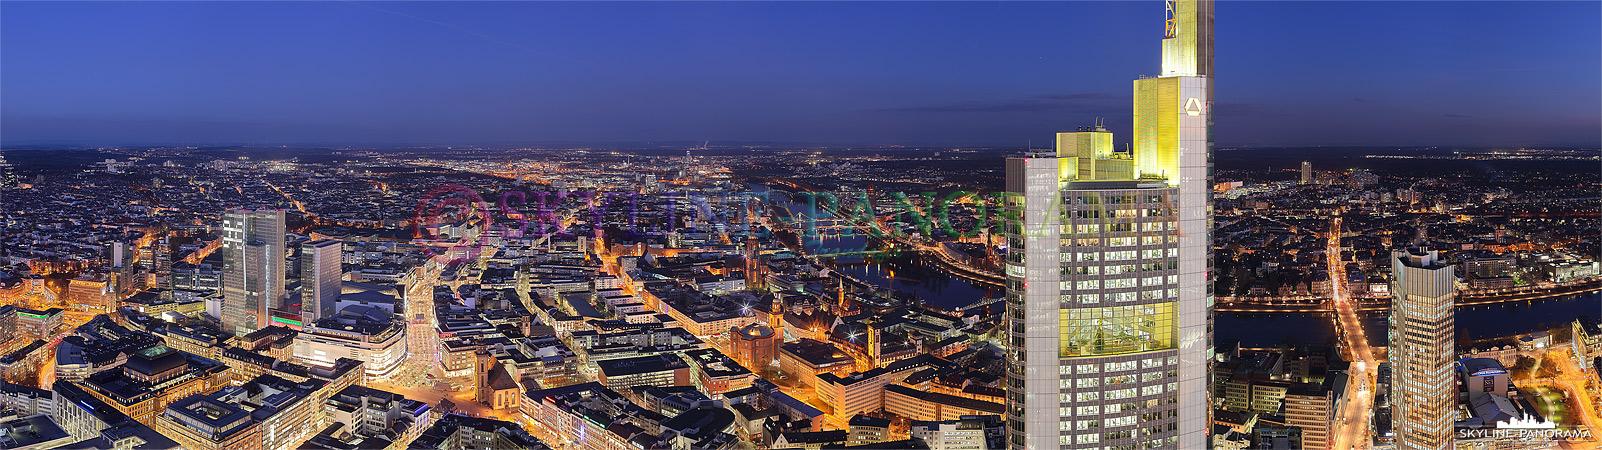 Bild Frankfurt bei Nacht - Panorama vom Maintower | Das abendliche Panorama vom Maintower in Richtung Osten - von Rechts beginnend geht der Blick über die Frankfurter Börse, den Hotelkomplex Frankfurt Hoch Vier, der Zeil, Dom und Paulskirche, zum Commerzbanktower und endet bei der EZB.